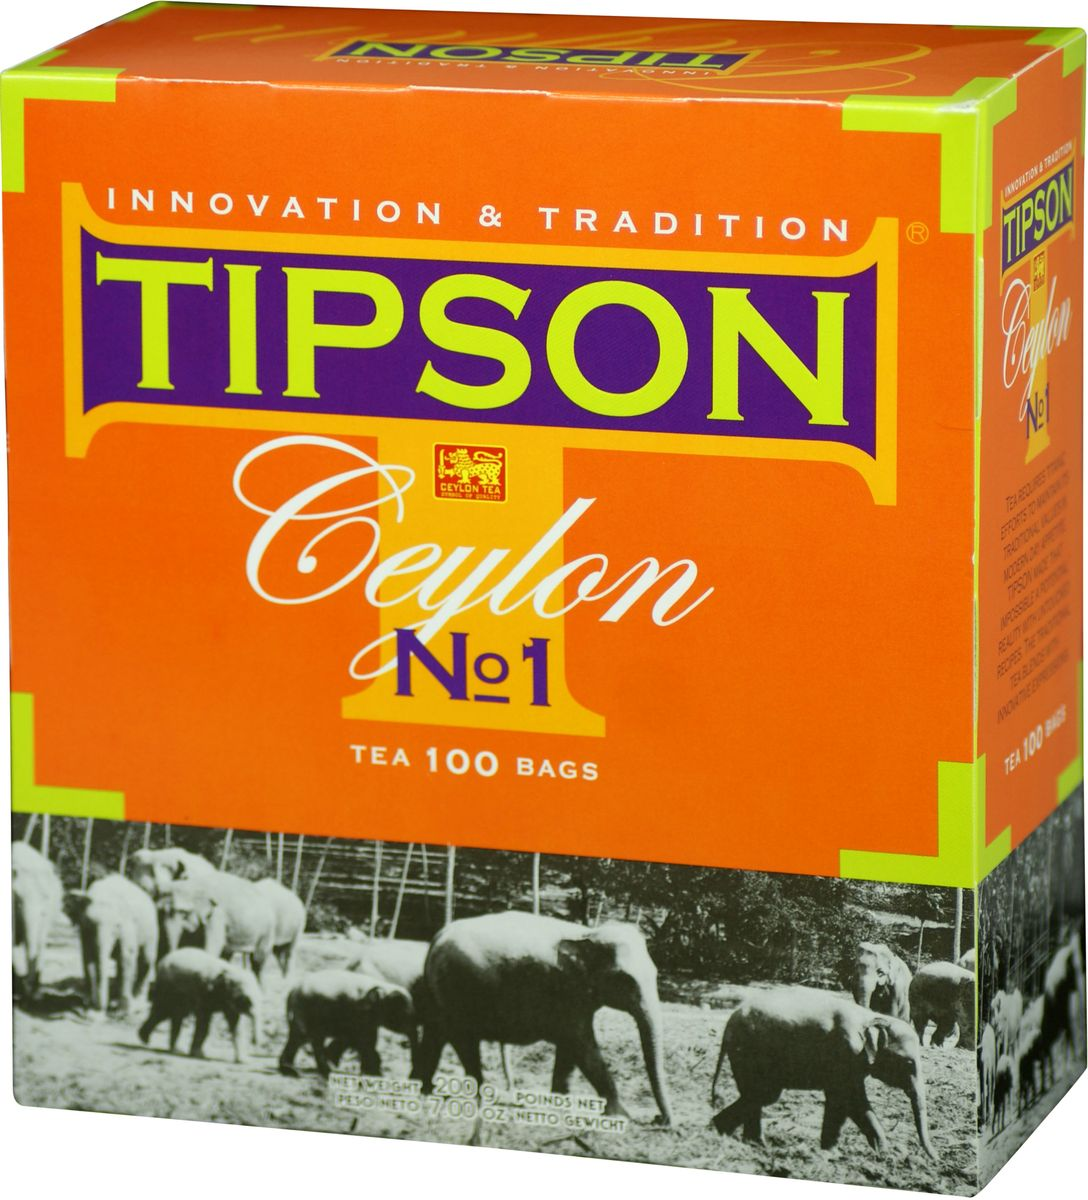 Tipson Ceylon №1 черный чай в пакетиках, 100 шт danker ceylon estate чай черный цейлонский мелкий в пакетиках 100 шт